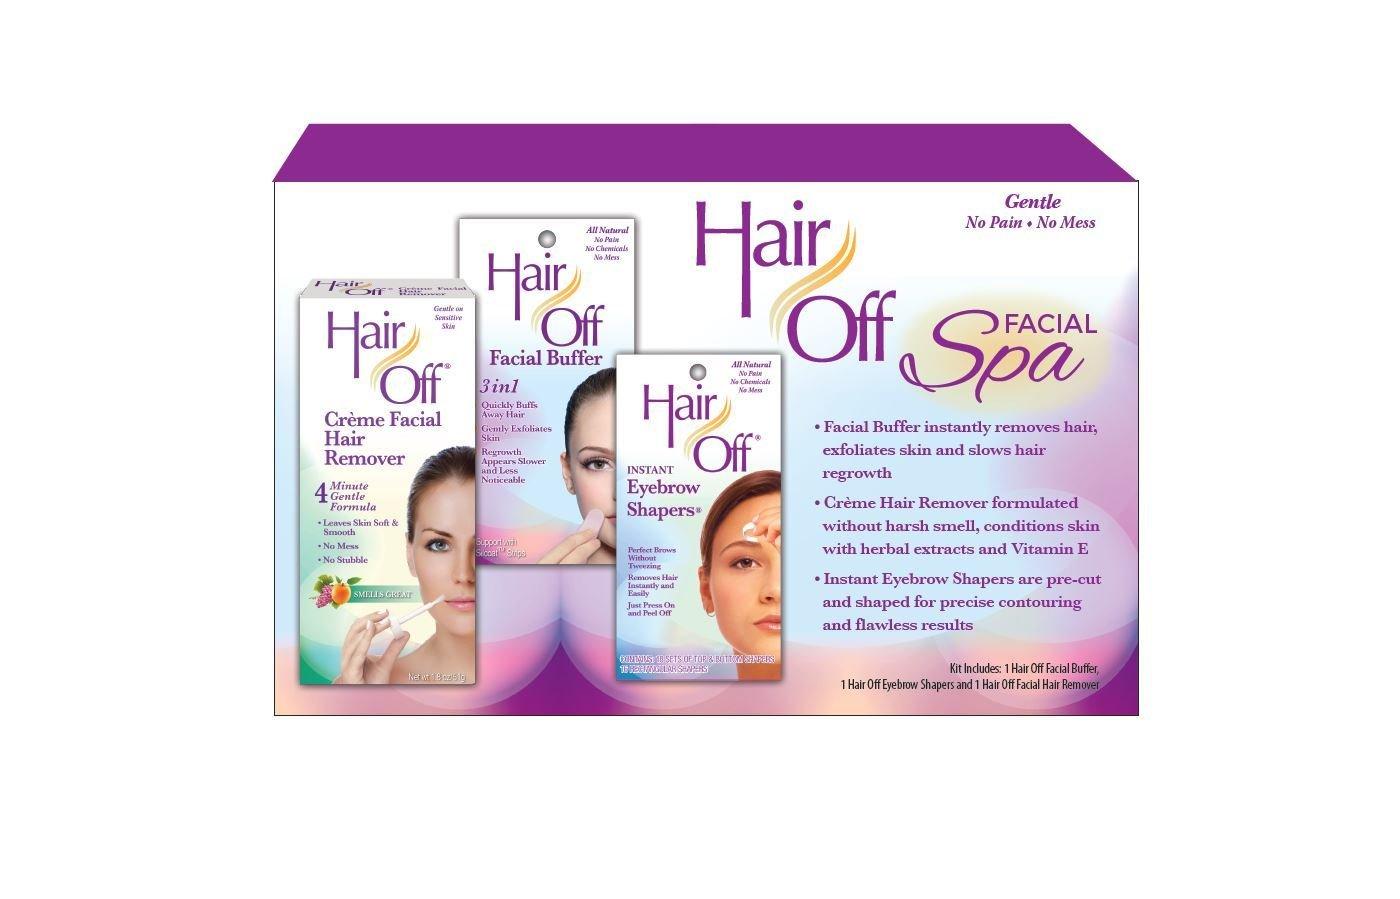 Hair Off Facial Spa